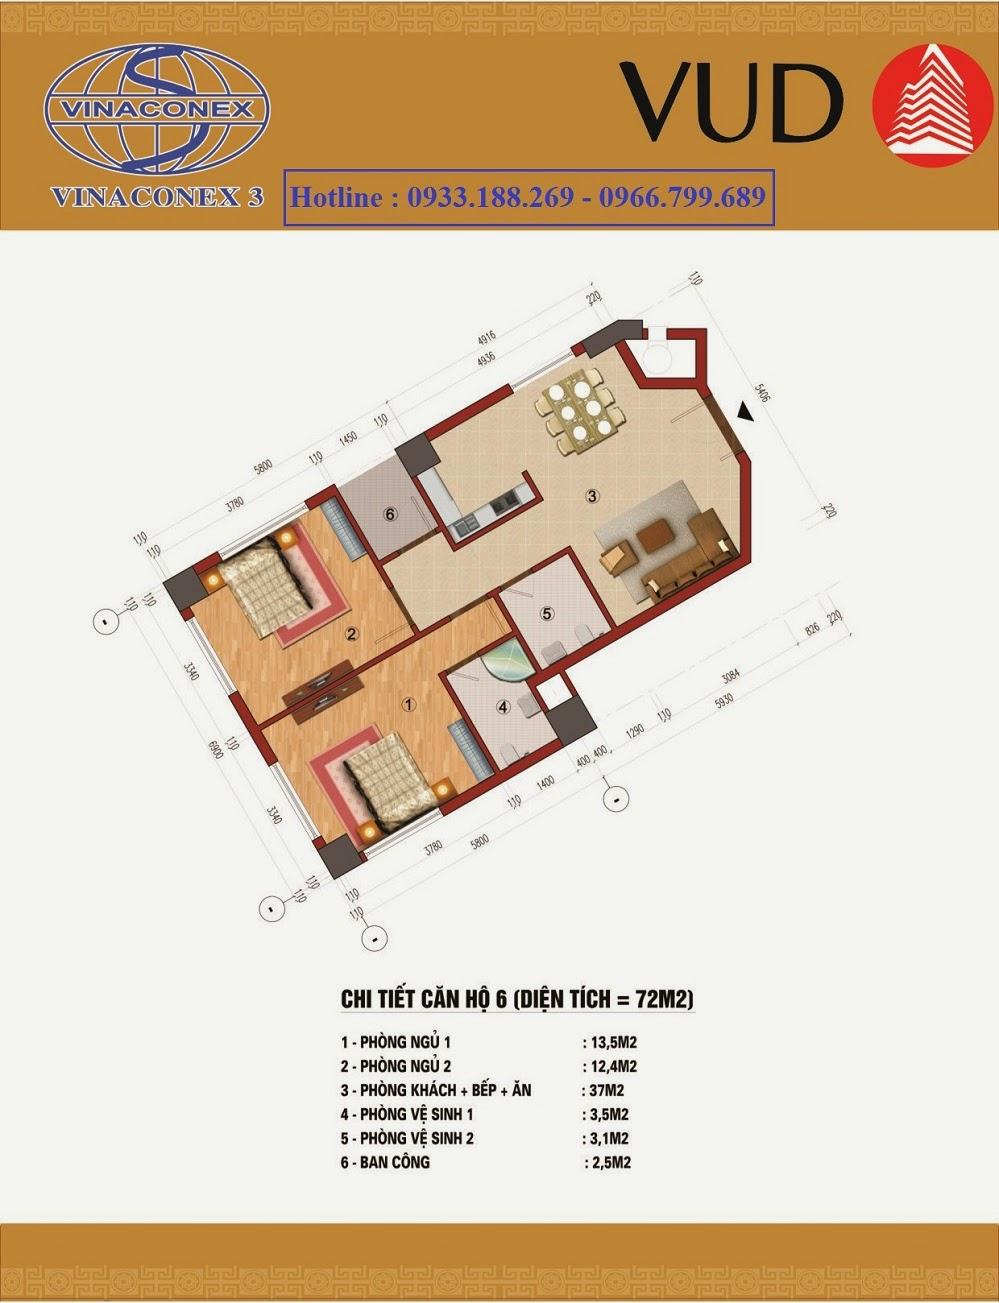 Diện tích 72m2, Chung cư CT1 Trung Văn - Vinaconex3